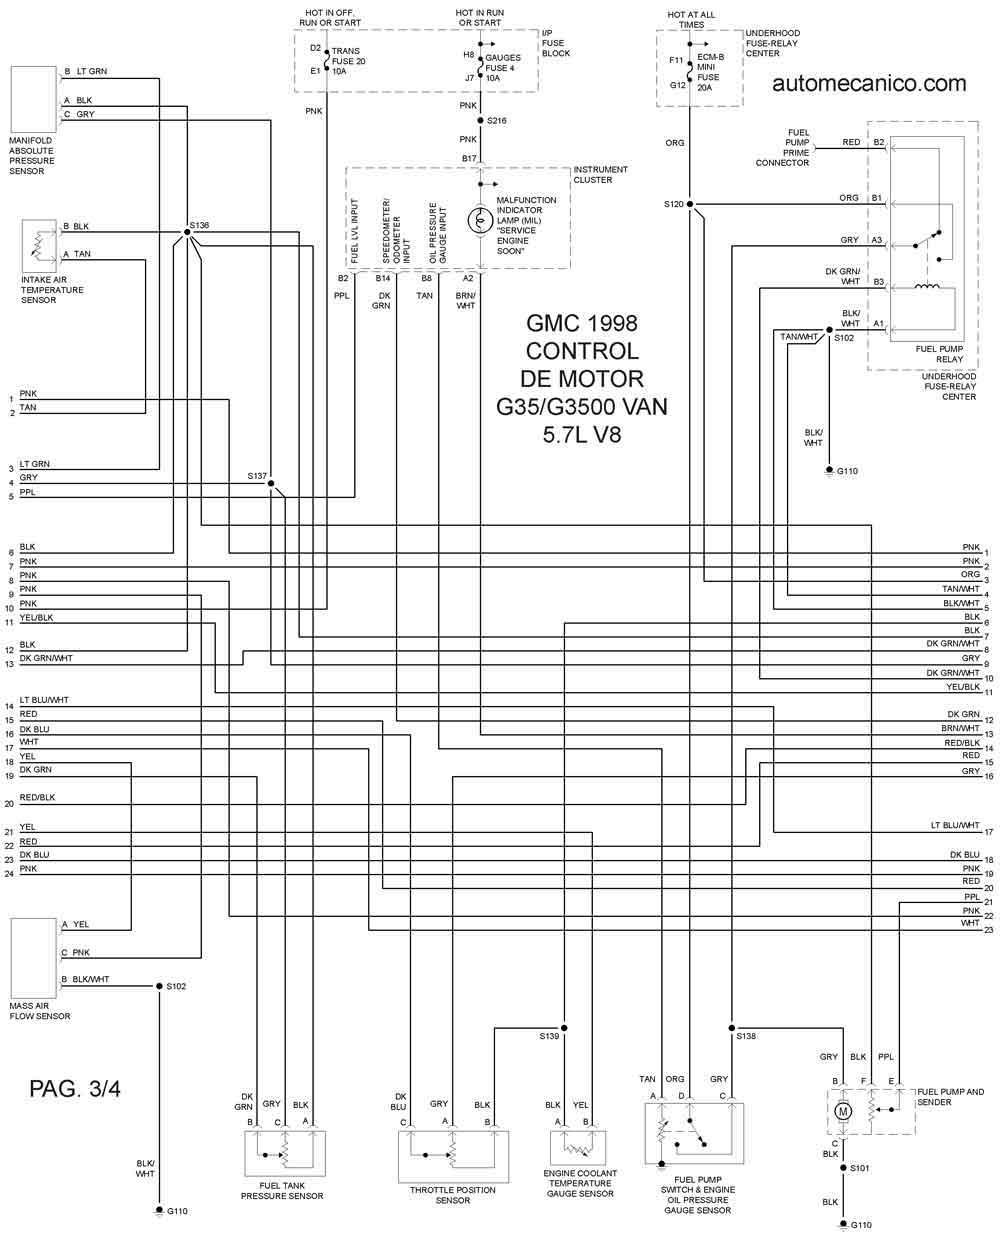 GMC 1998|Diagramas-Esquemas-Graphics|vehiculos-motores